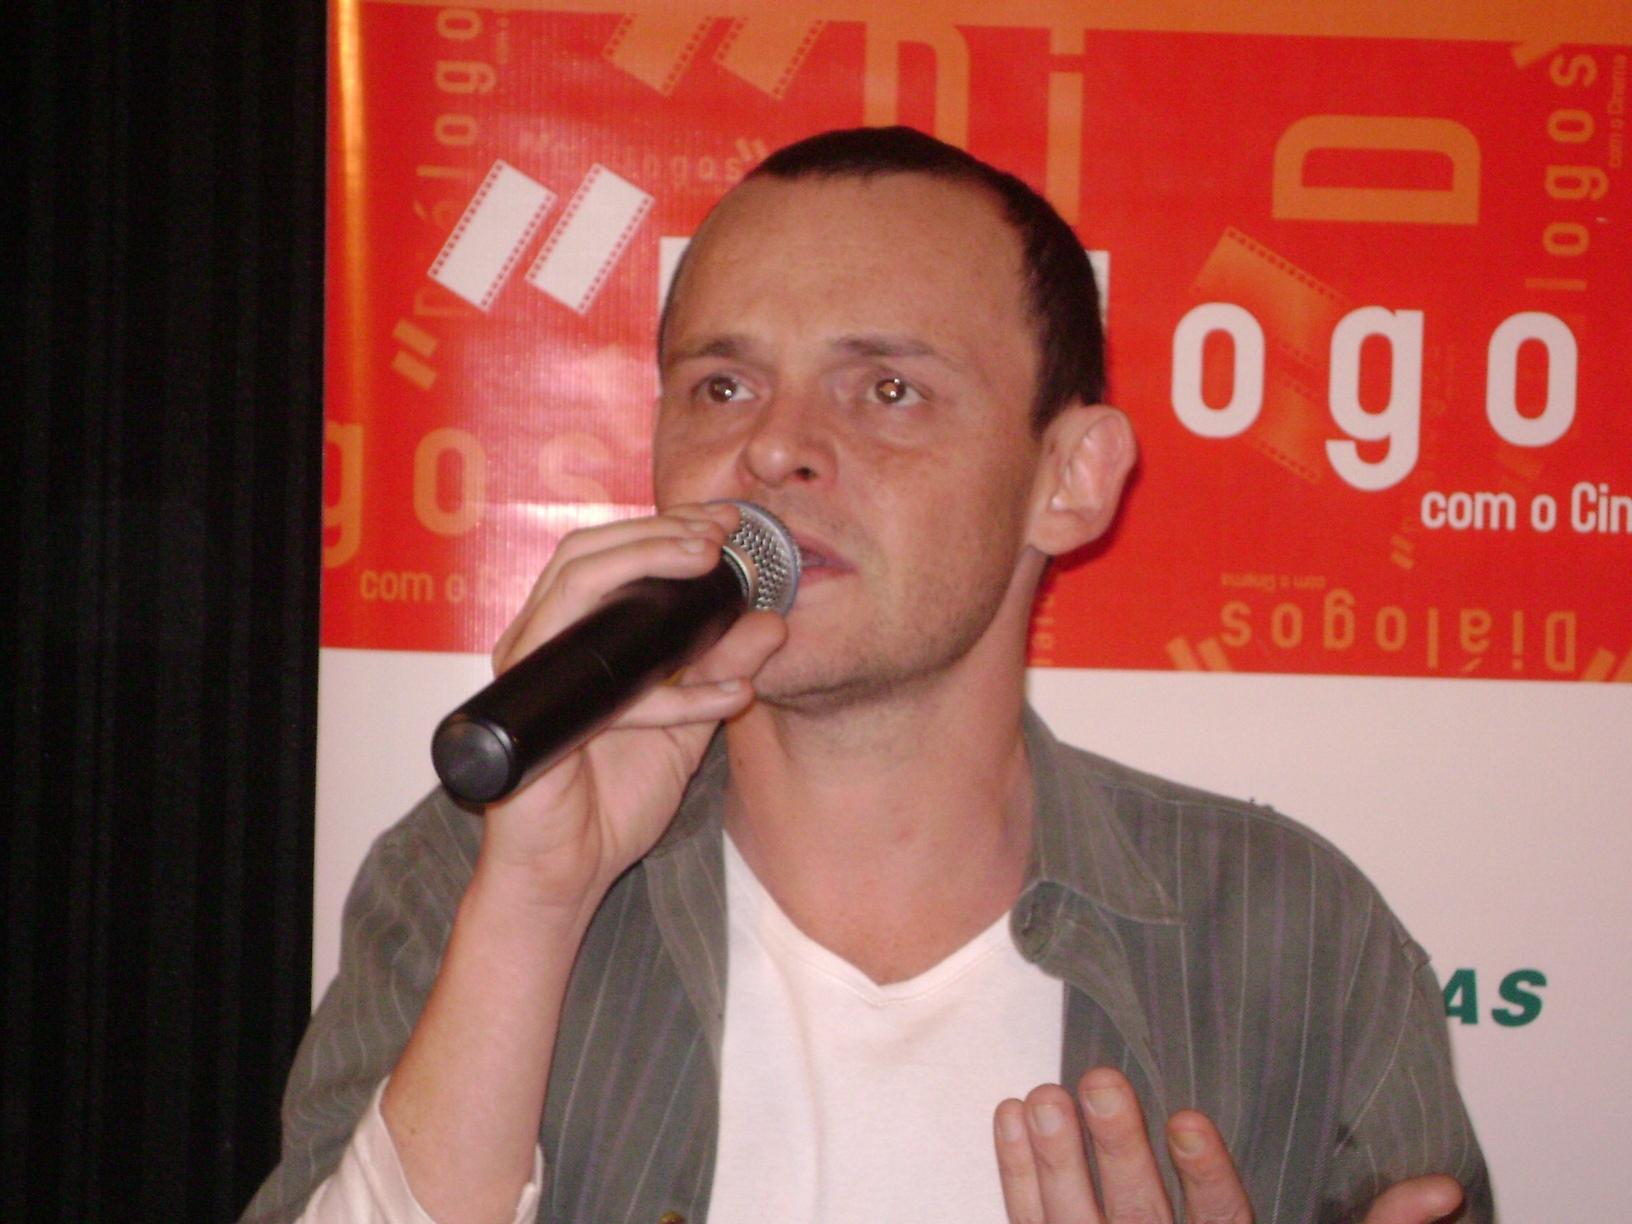 Matheus Nachtergaele